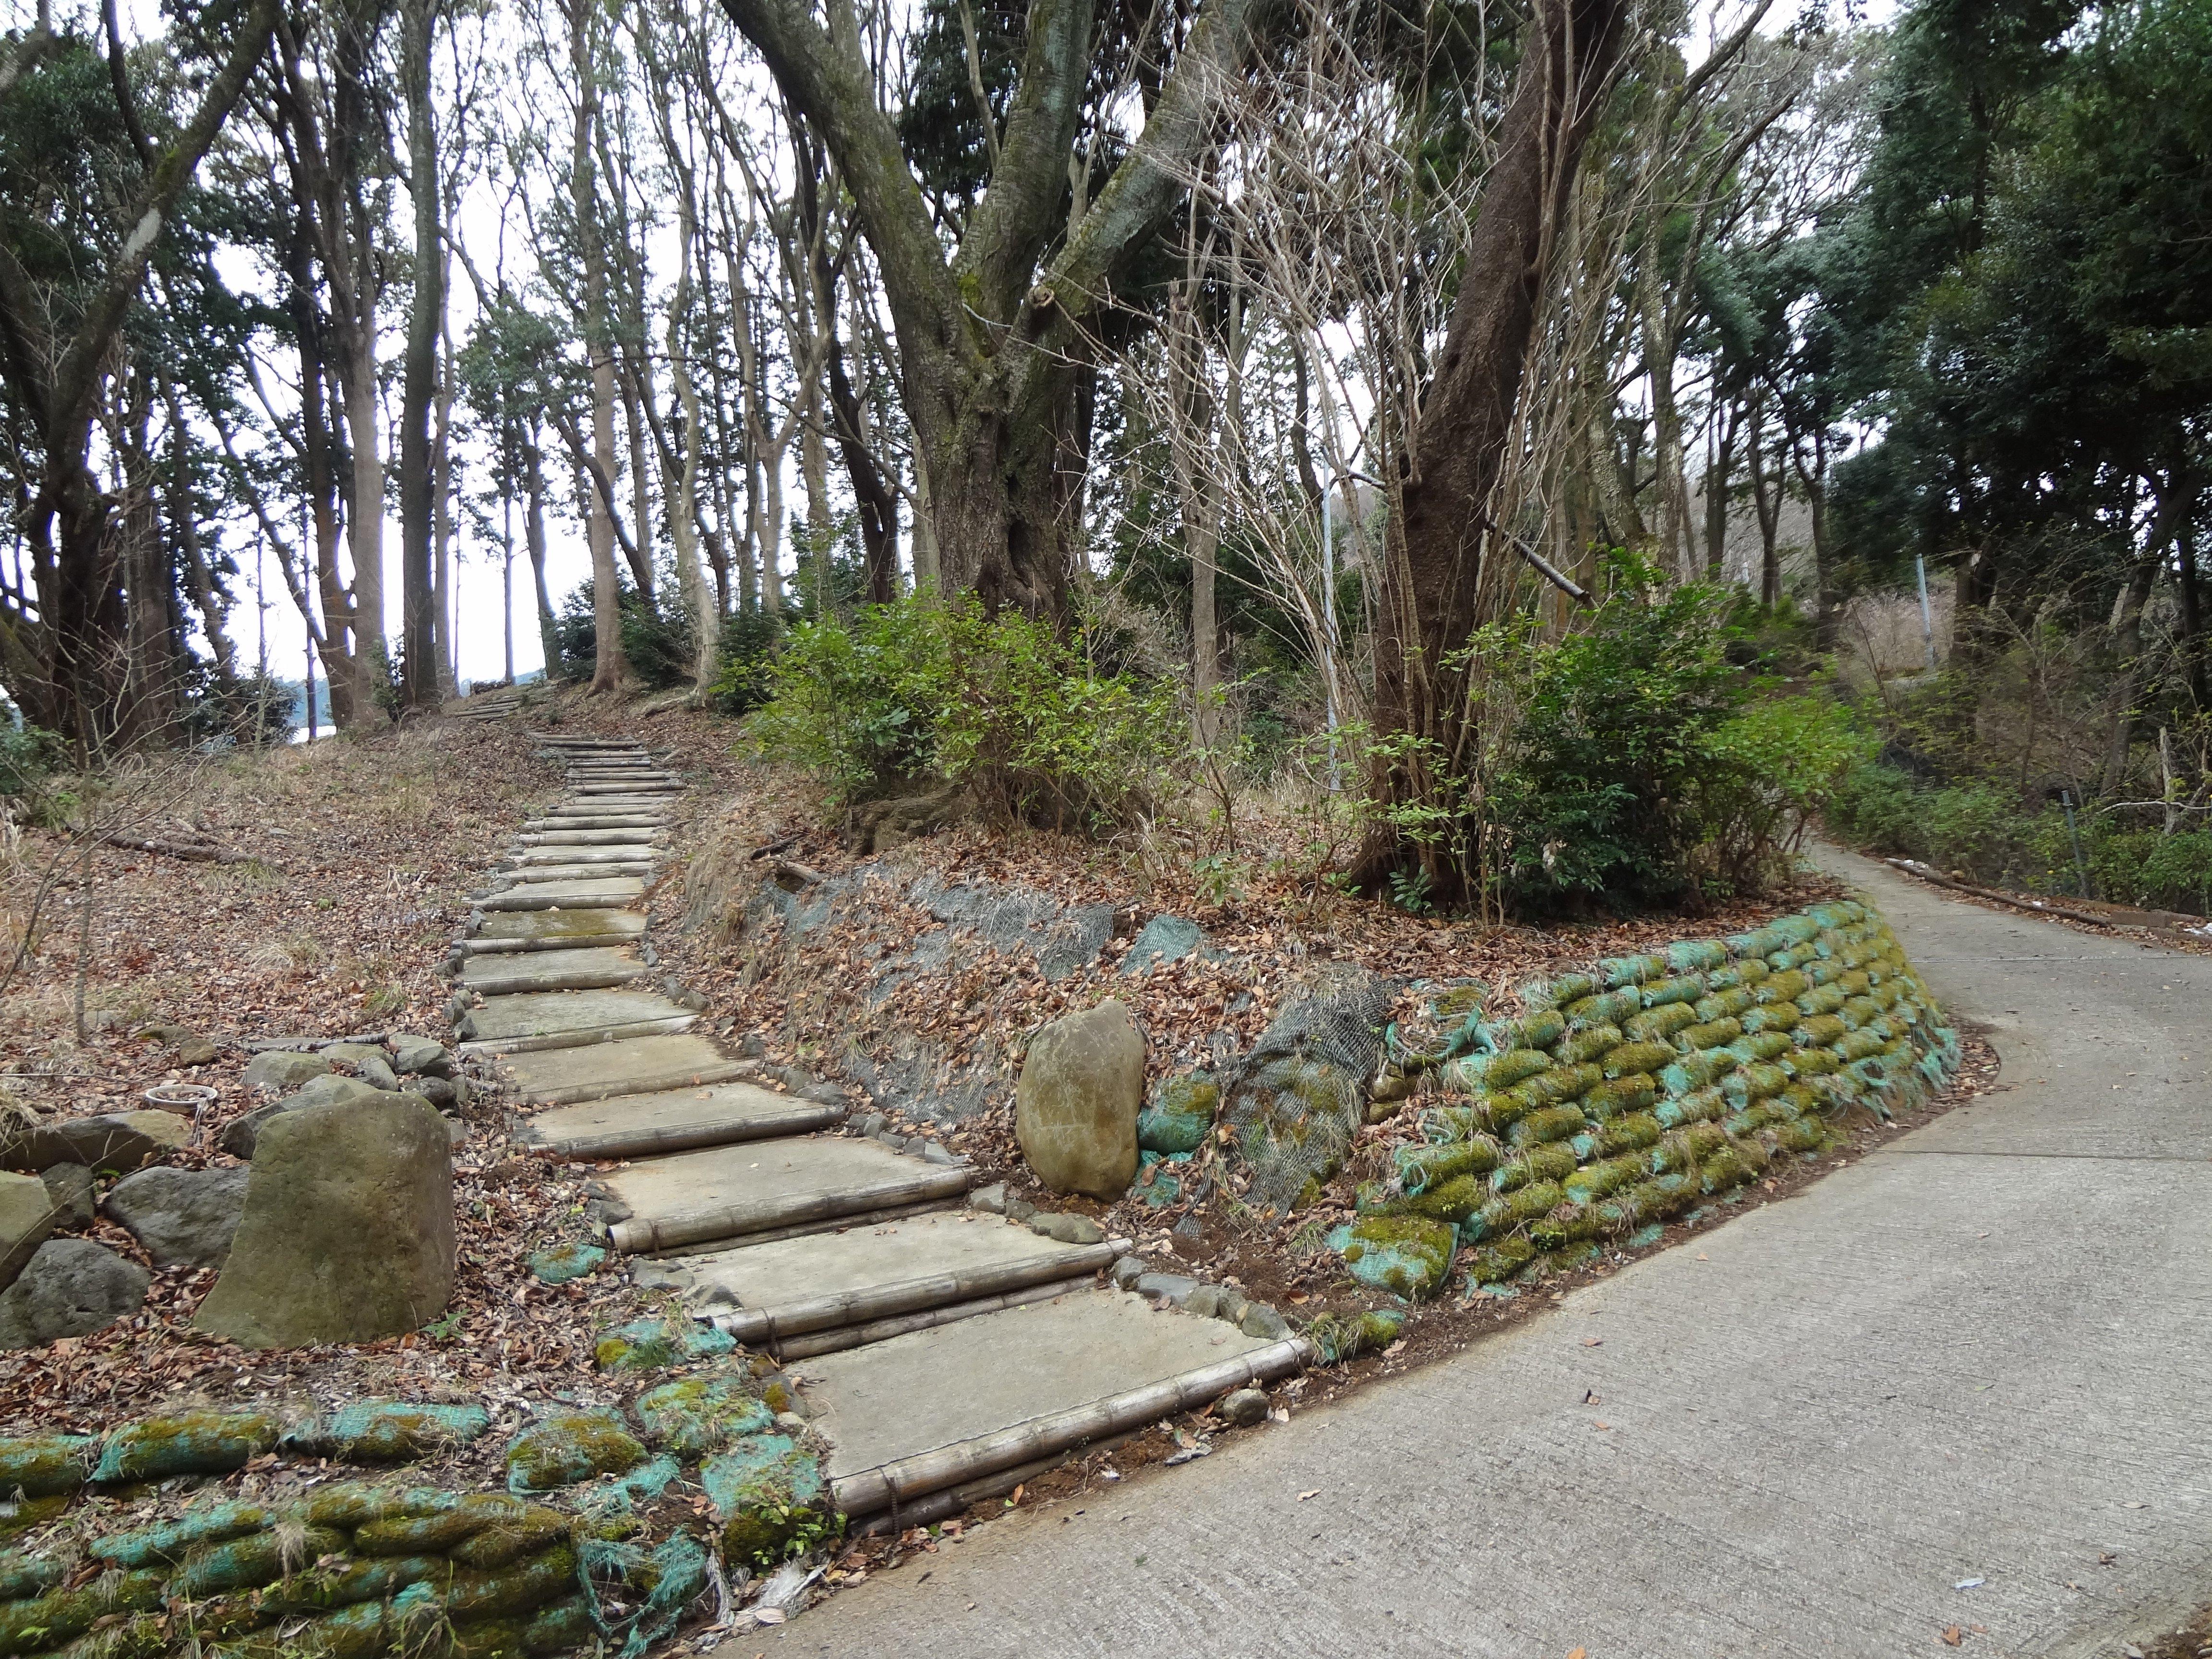 さらに進むと雑木林に入っていく階段